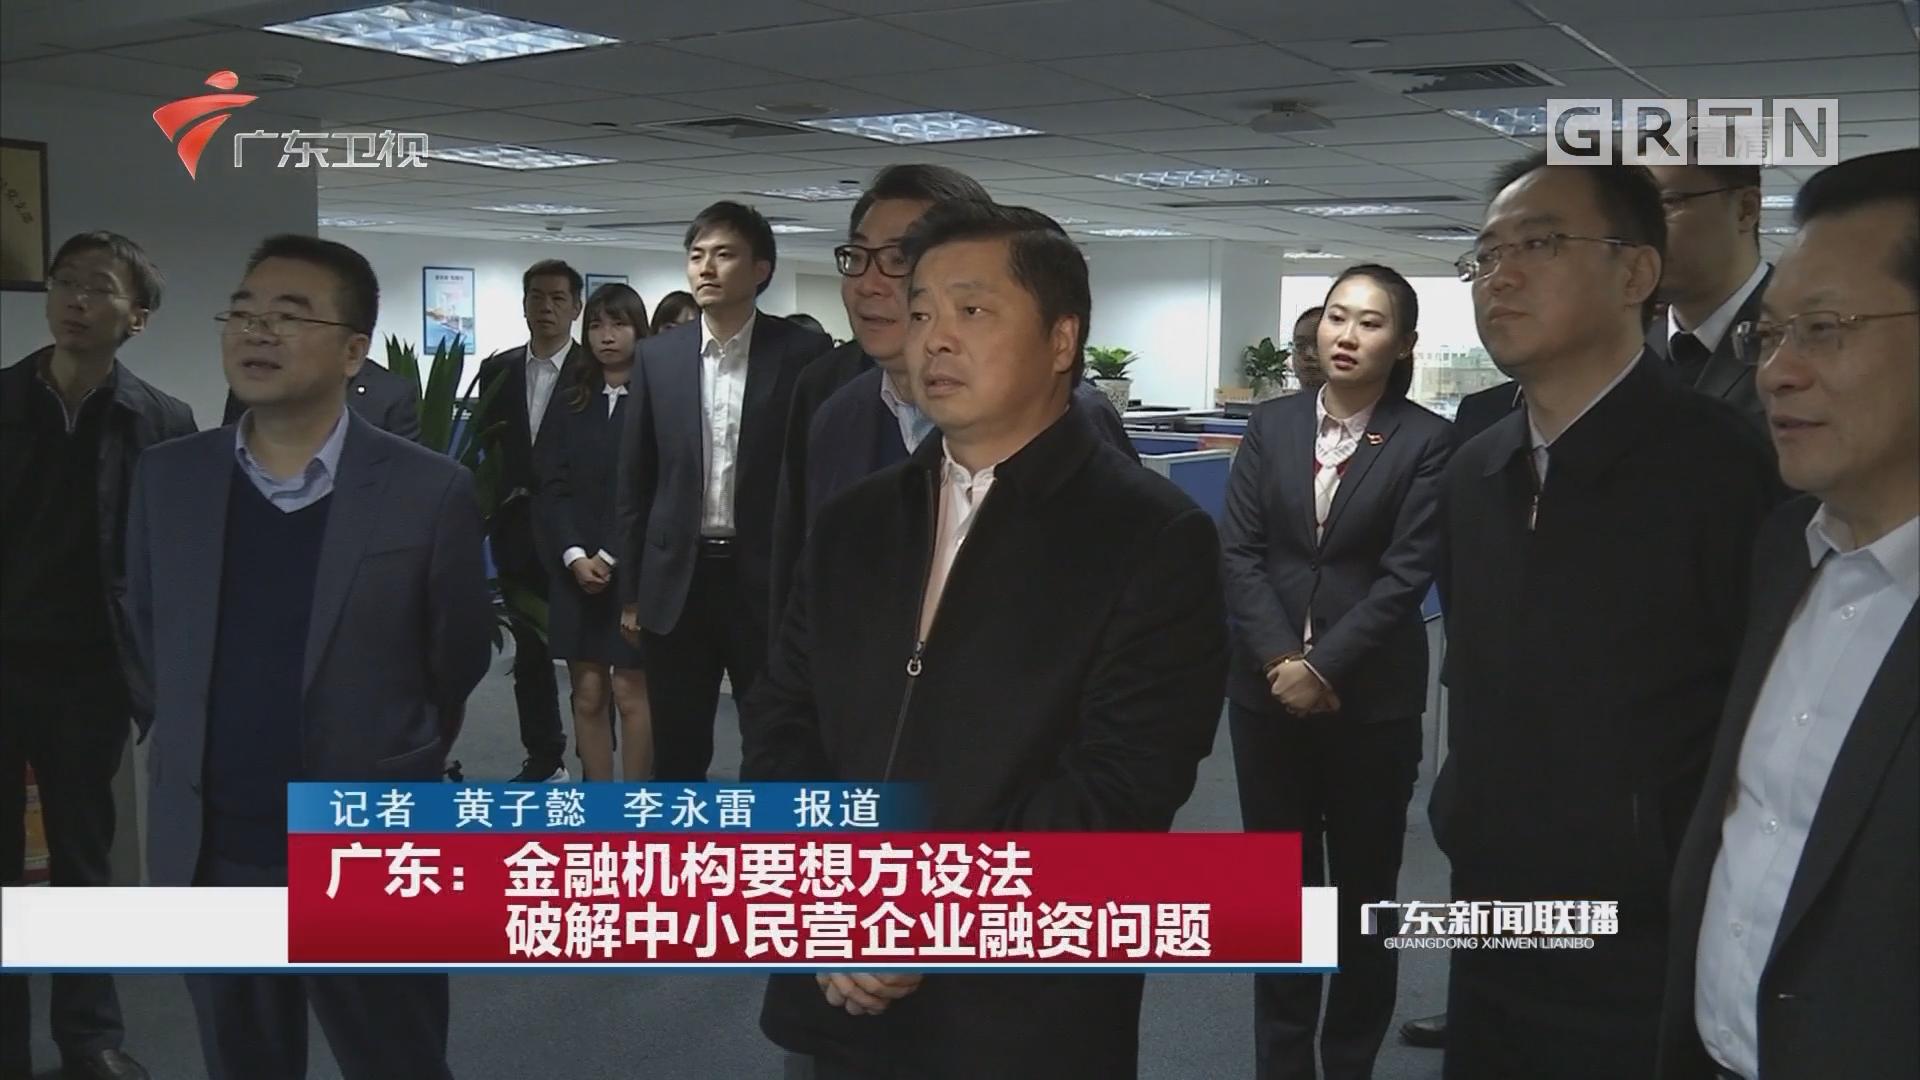 广东:金融机构要想方设法 破解中小民营企业融资问题